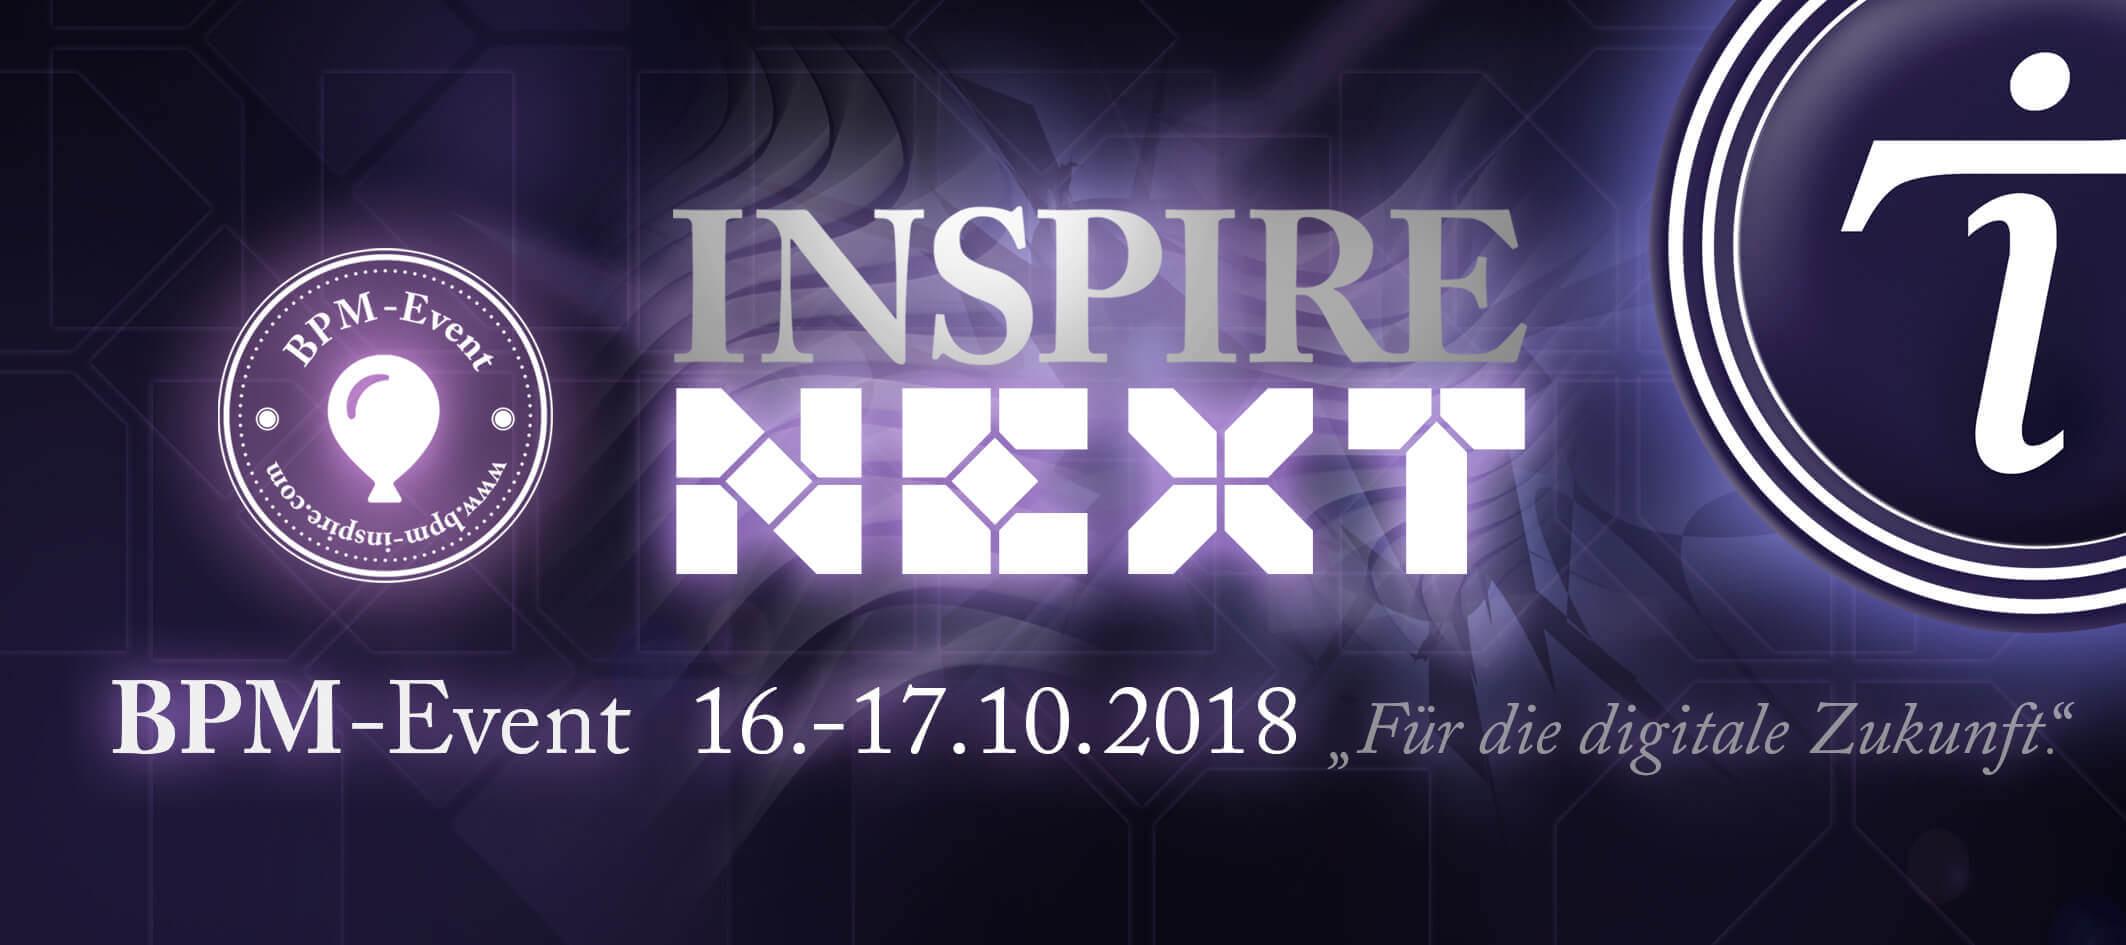 DER PROZESSMANAGER unterstützt die INSPIRE NEXT